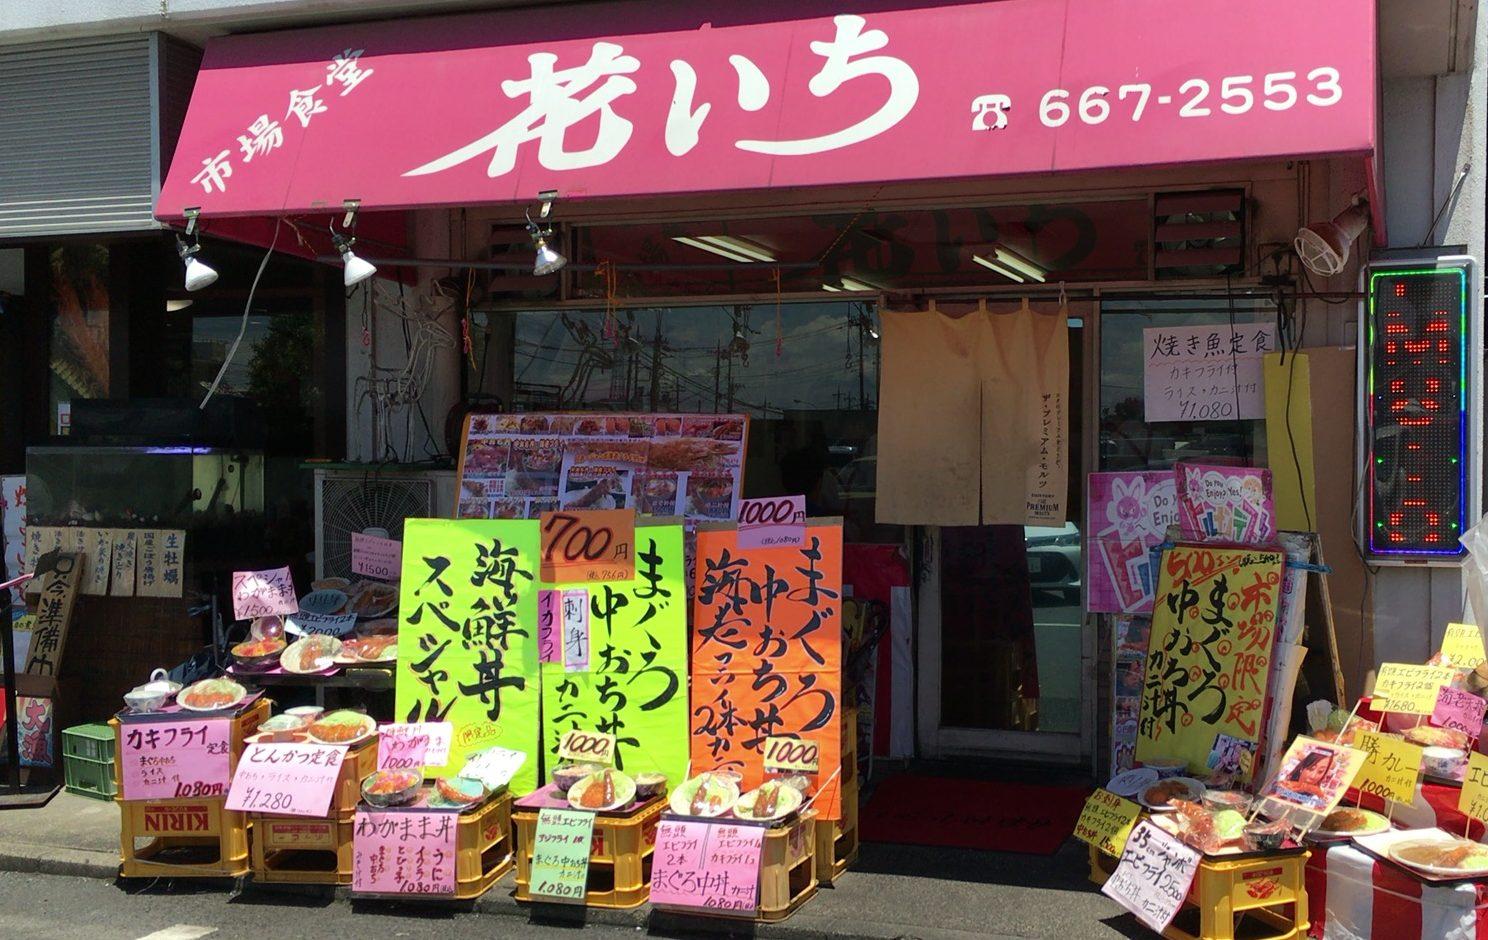 【さいたま市北区】ランチタイムの「大宮市場内 花いち」はかなりコスパがよくておすすめ